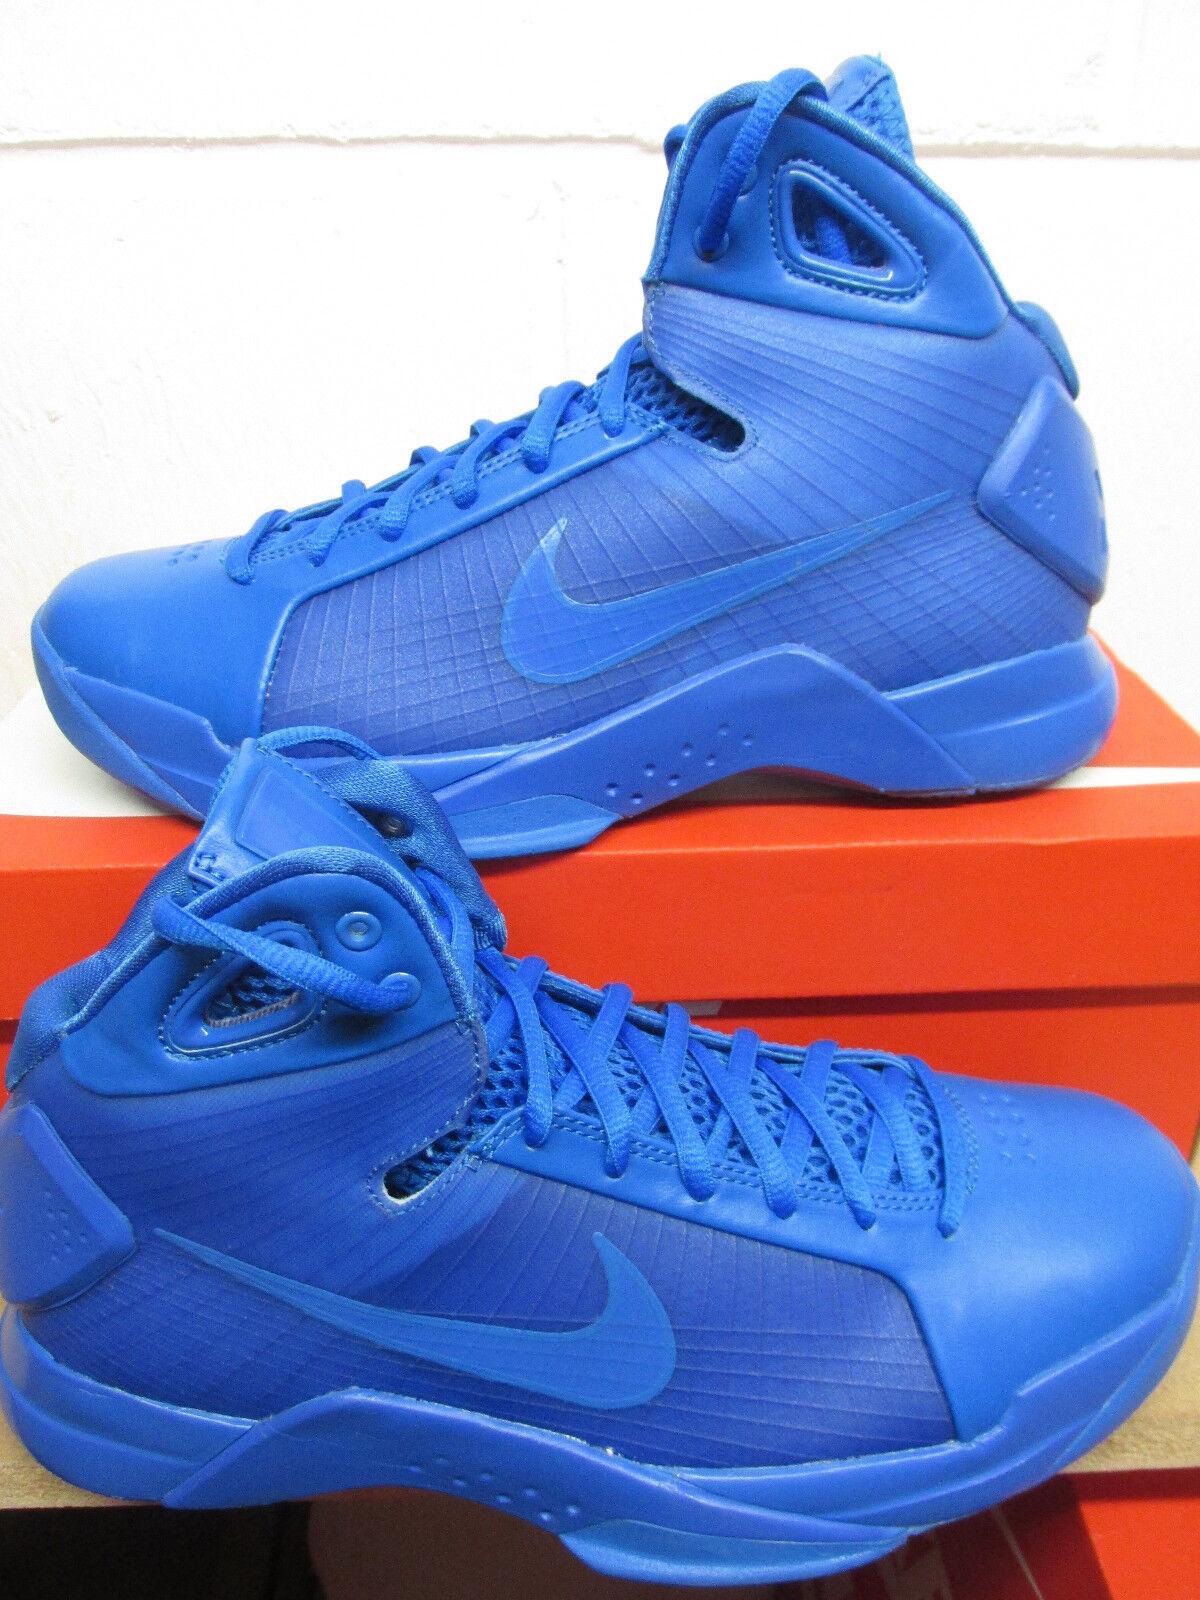 Nike Hyperdunk 08 Hombre Zapatillas de Baloncesto Tipo Botín 820321 400